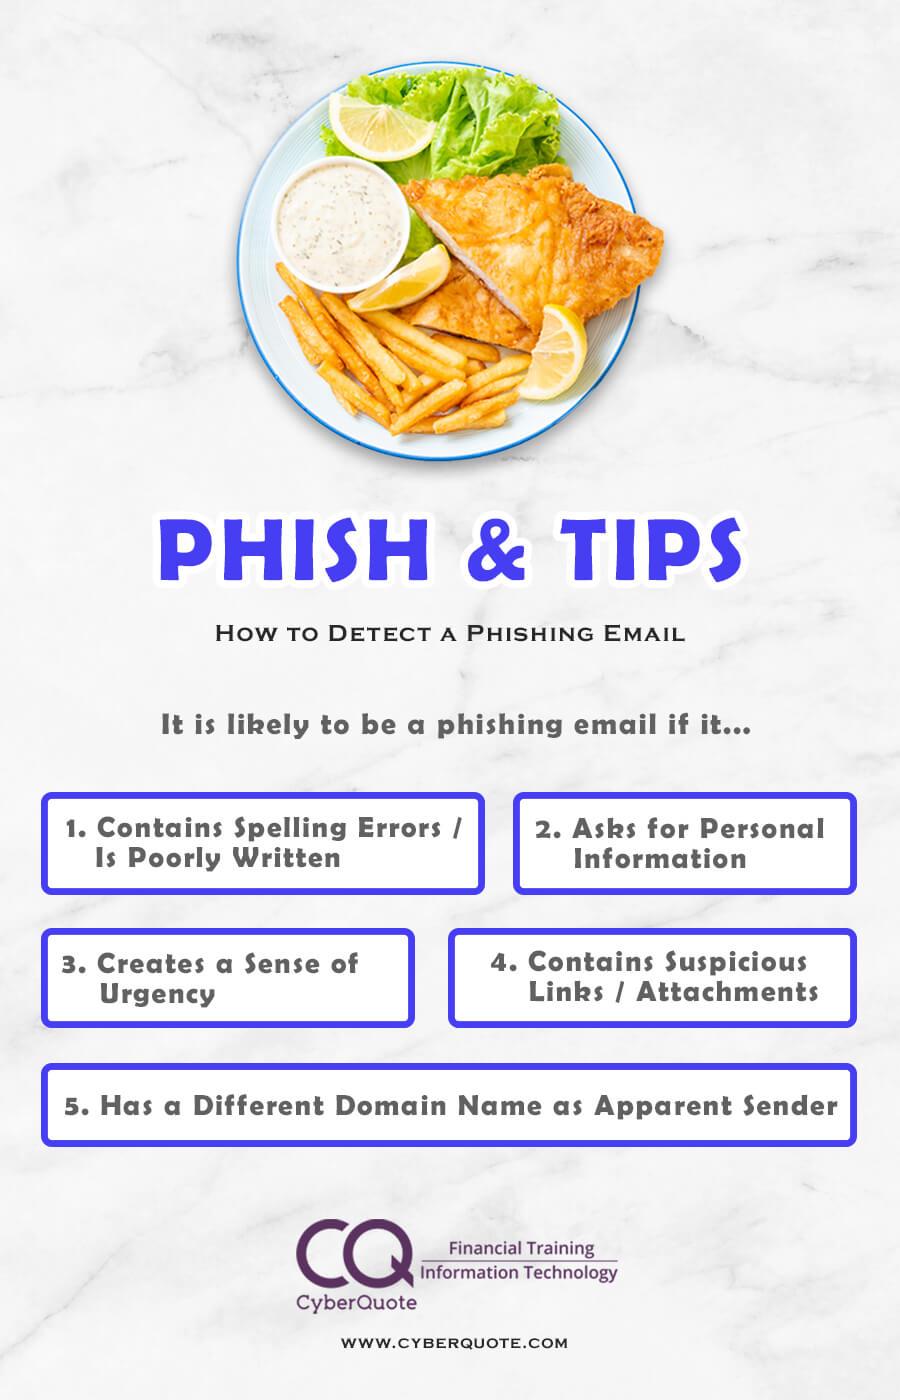 Phish Tips